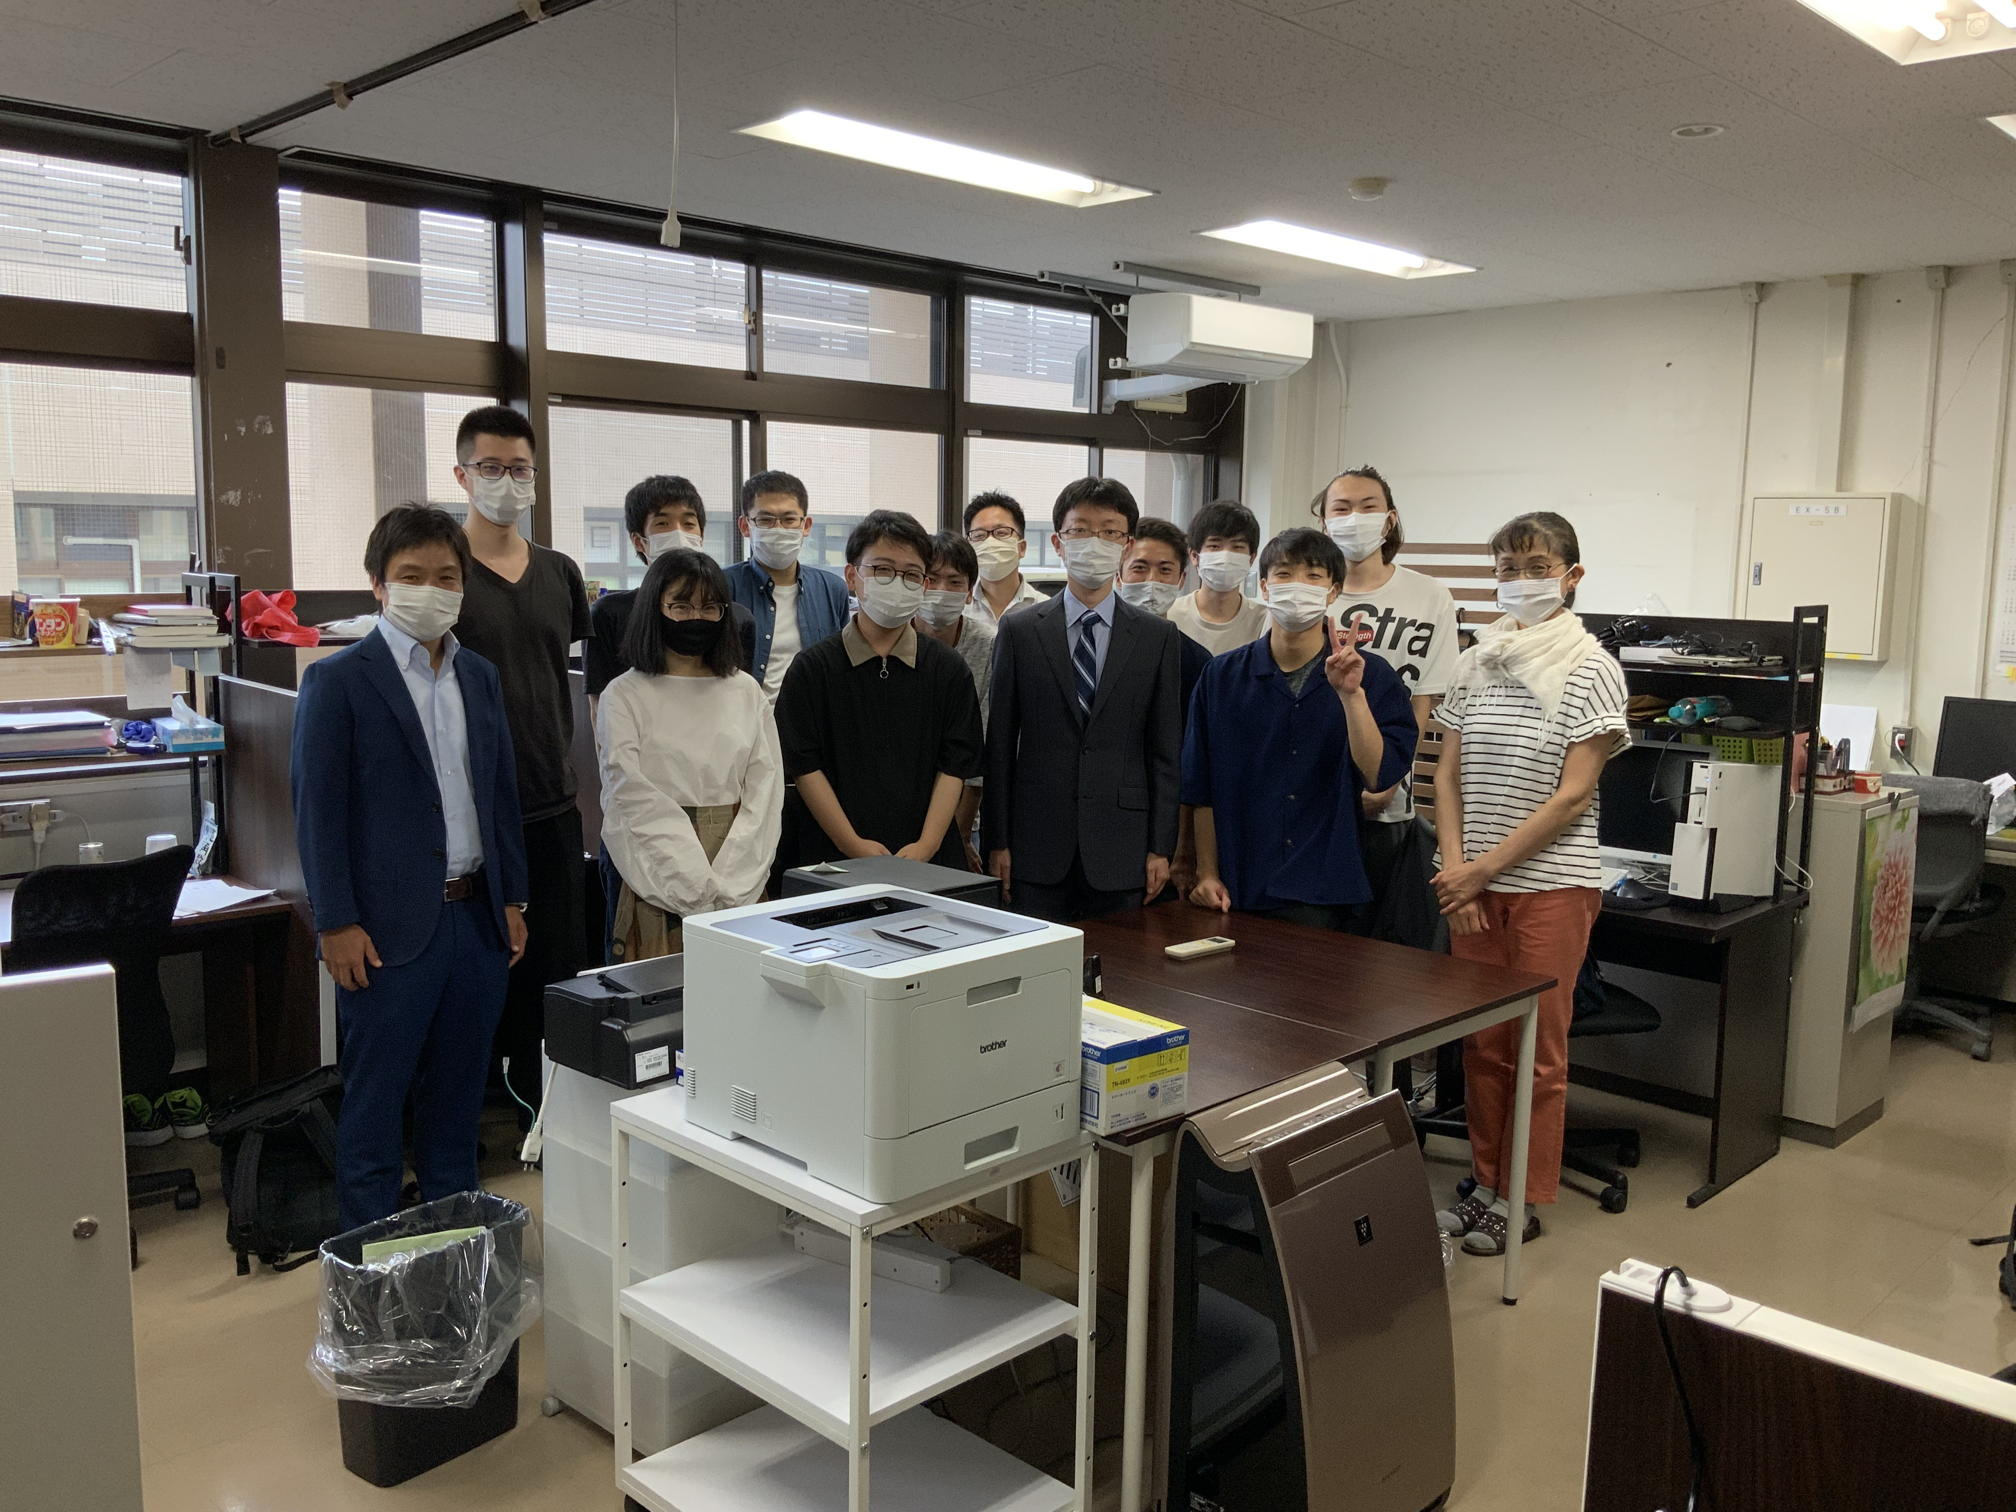 尾崎先生が着任しました。